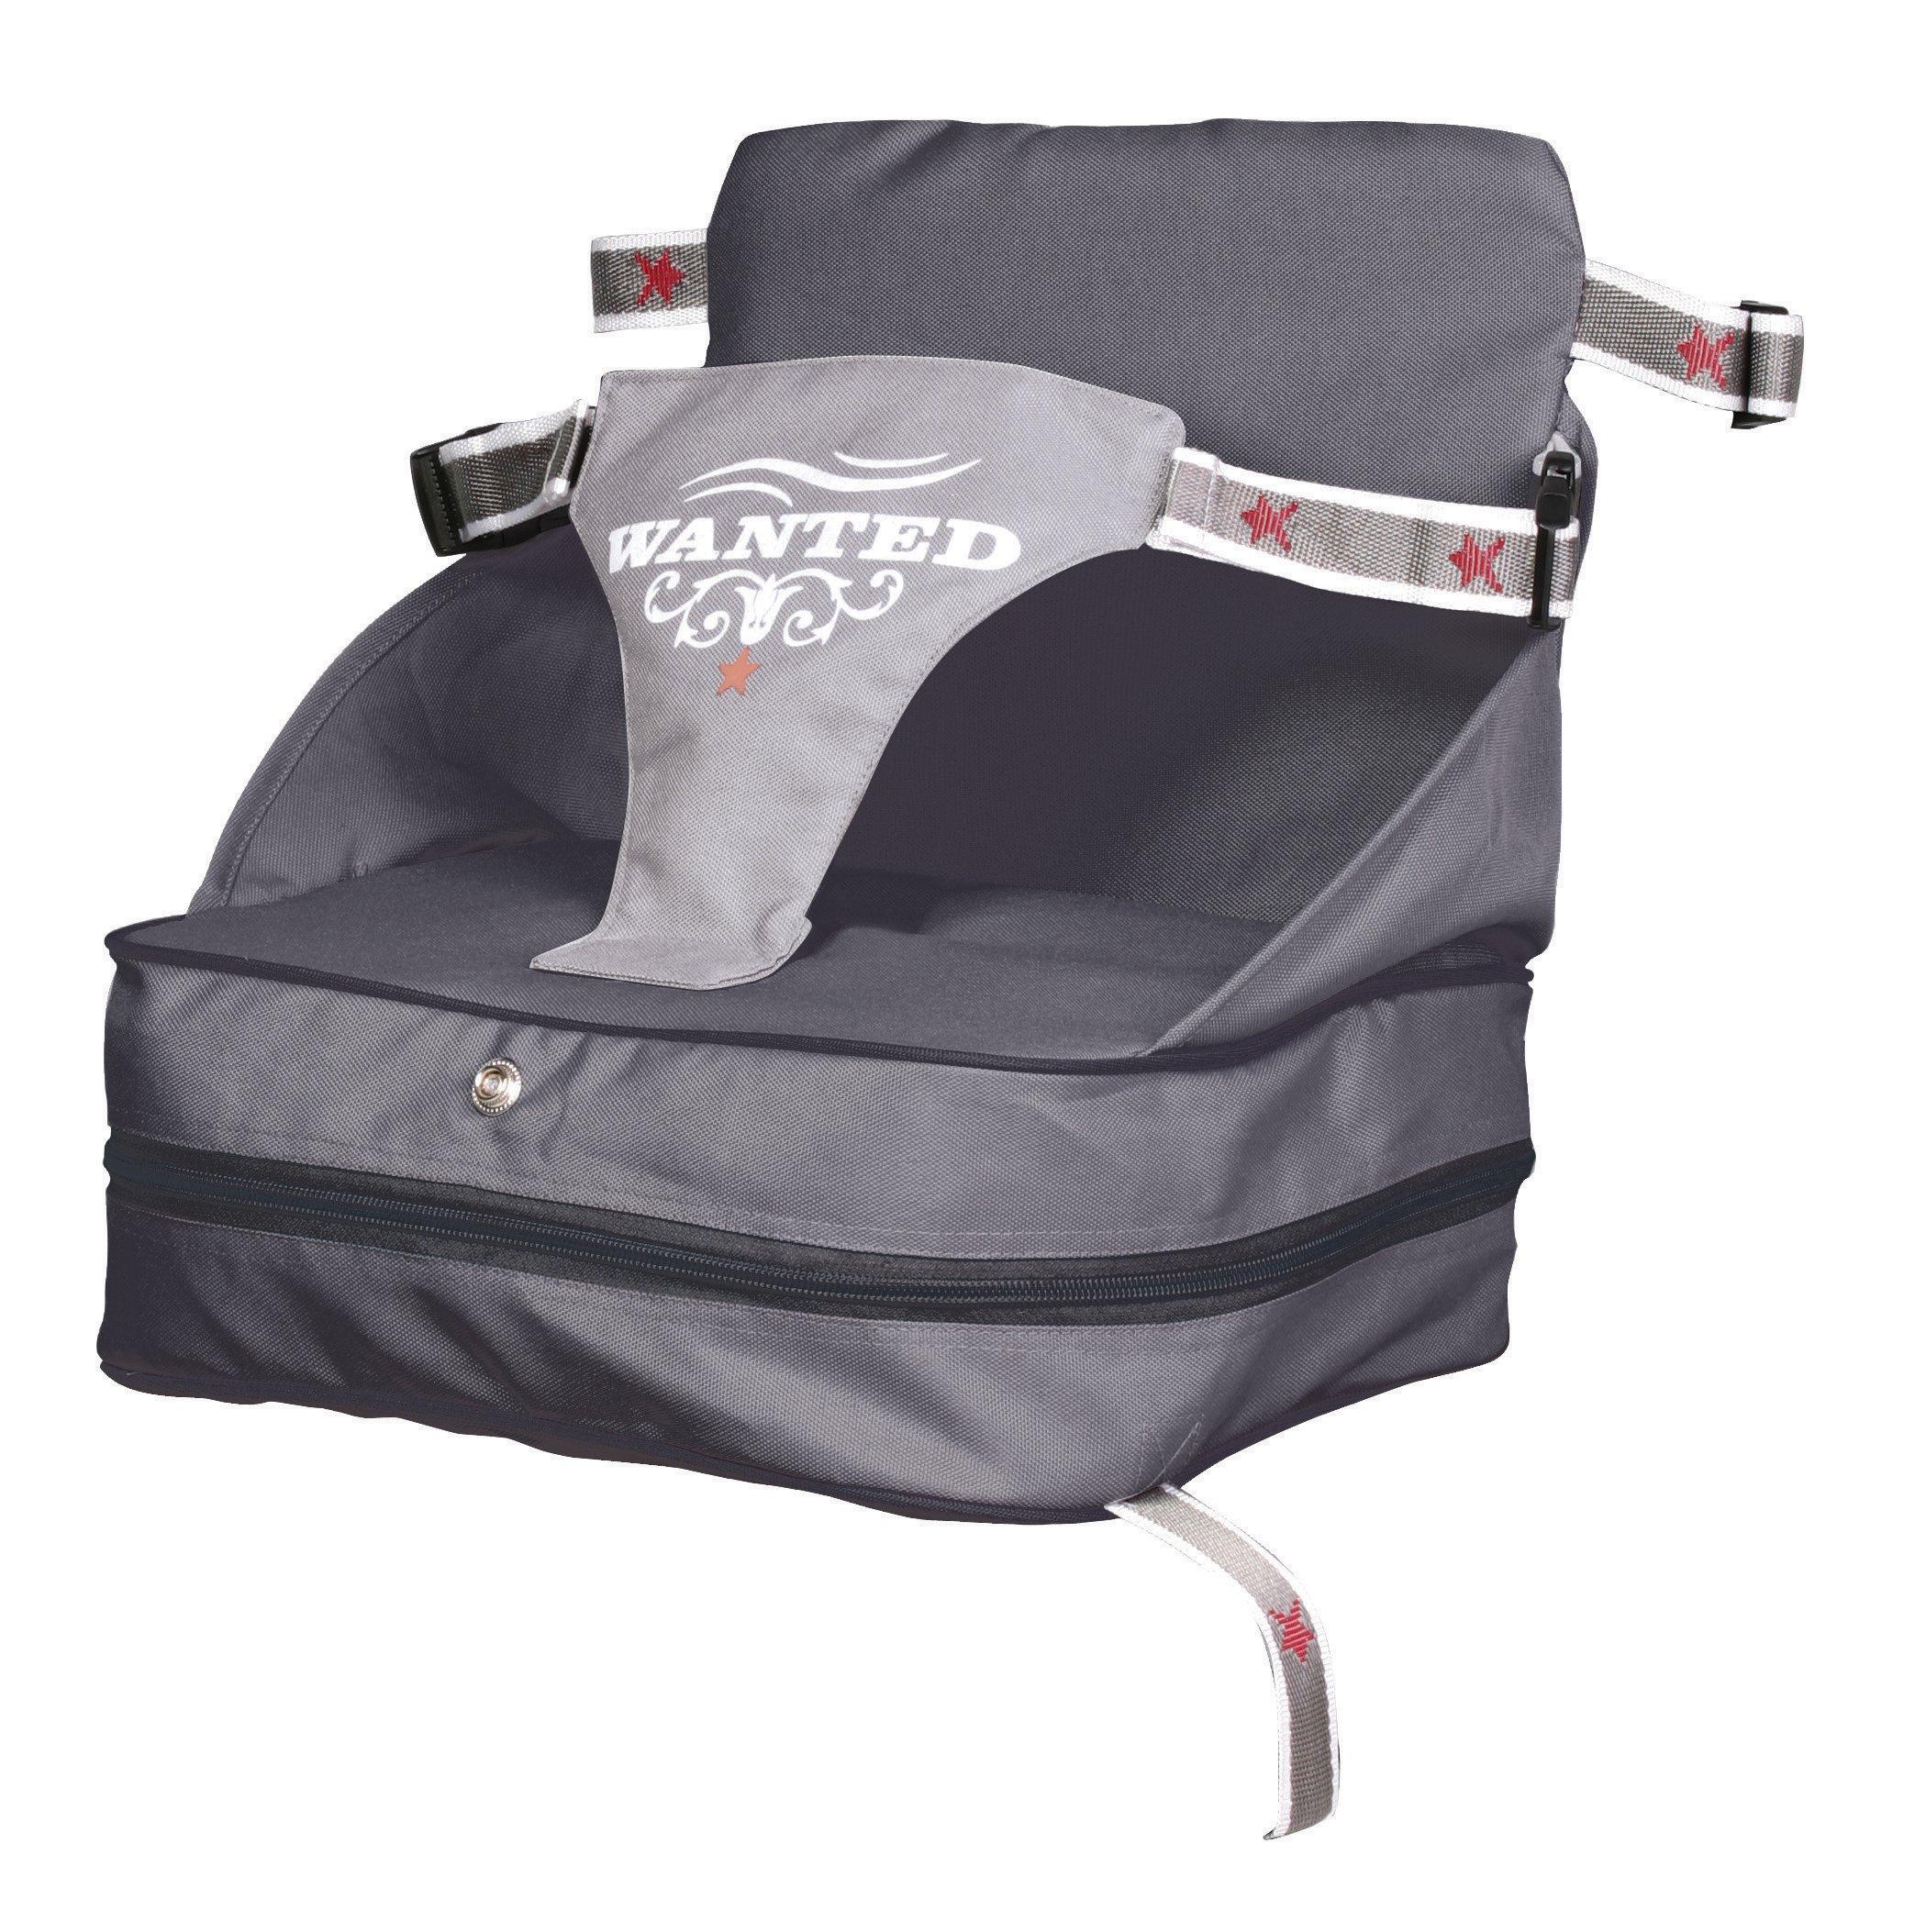 Hervorragend Roba Boostersitz, Mobiler Aufblasbarer Kindersitz Als Sitzerhöhung Und  Praktisch Für Reisen, Grau Product Image